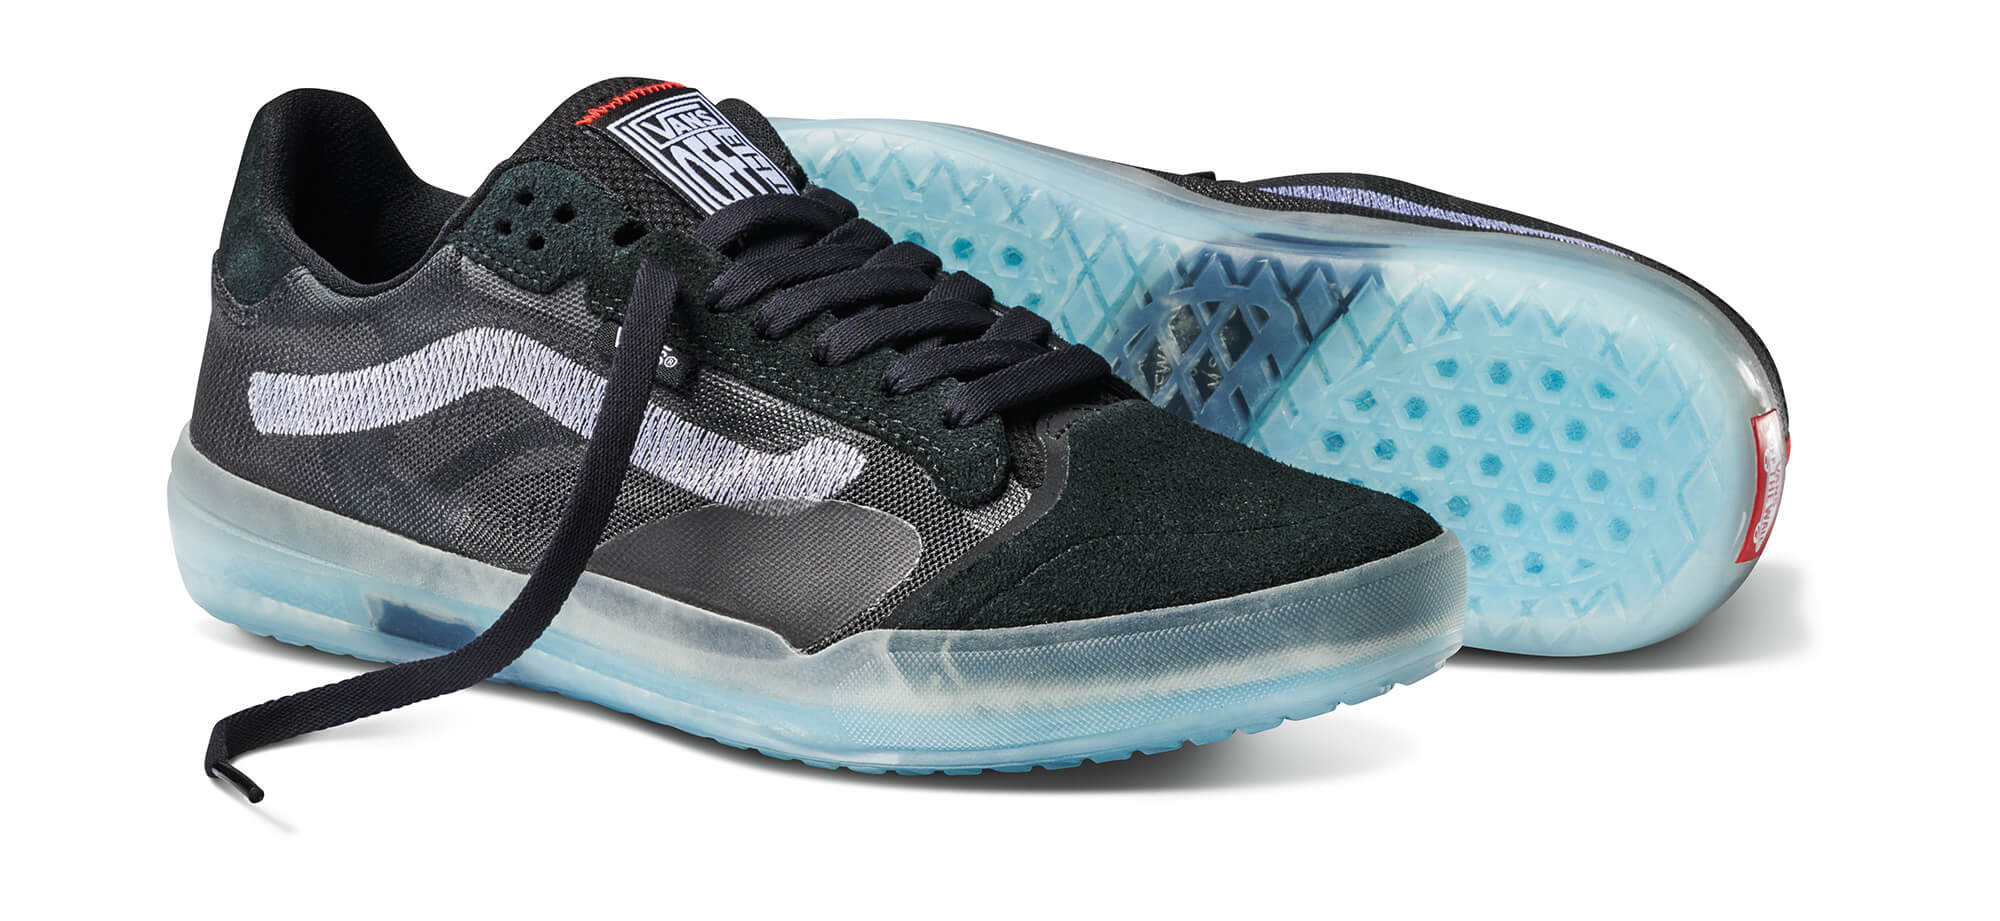 Vans EVDNTUltimateWaffle Sneaker - black/black/white - vn0a5dy7b8c